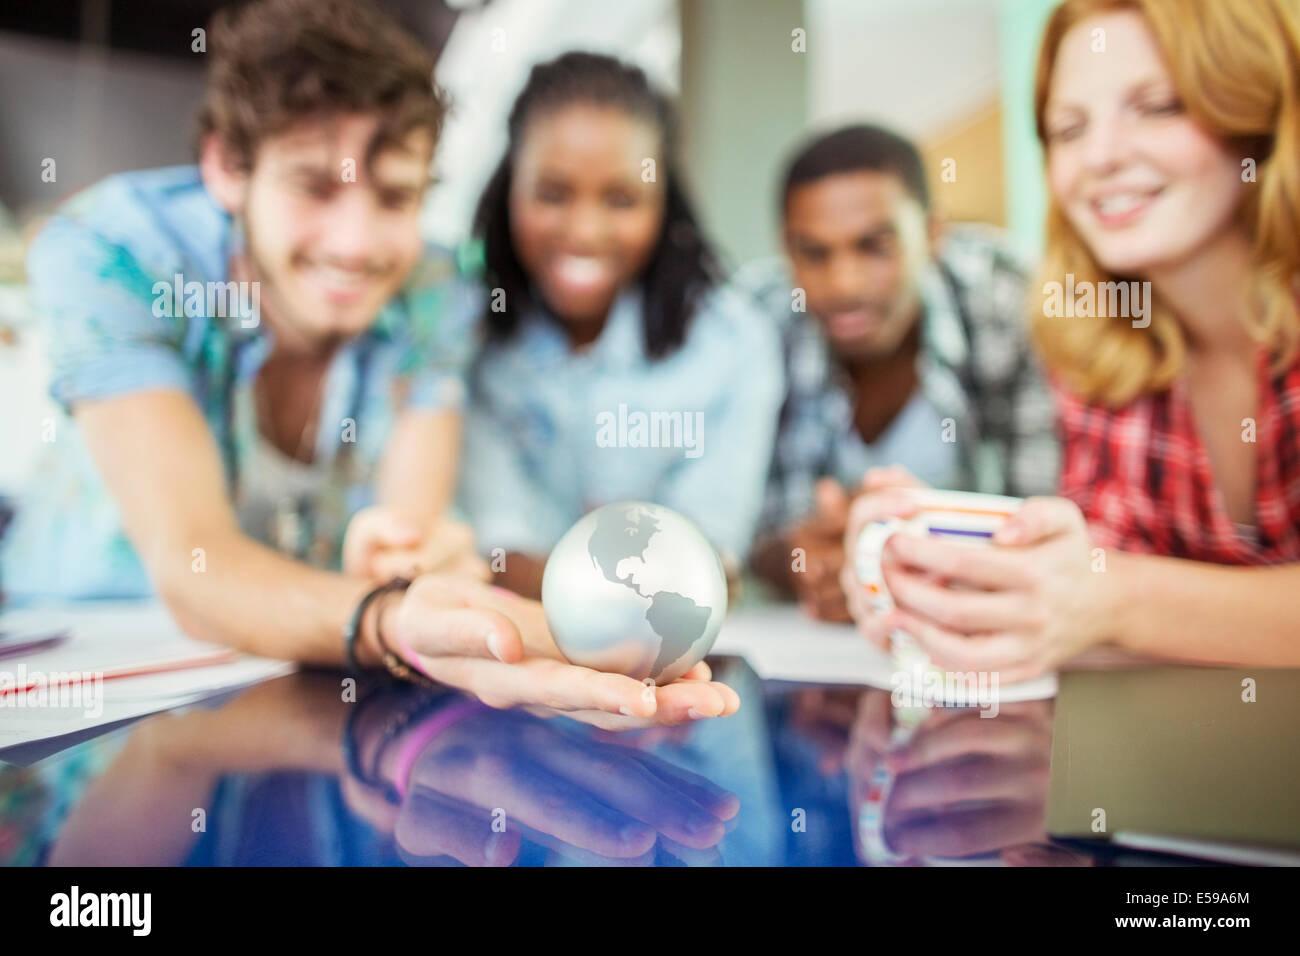 Menschen untersuchen Globus im Büro Stockbild